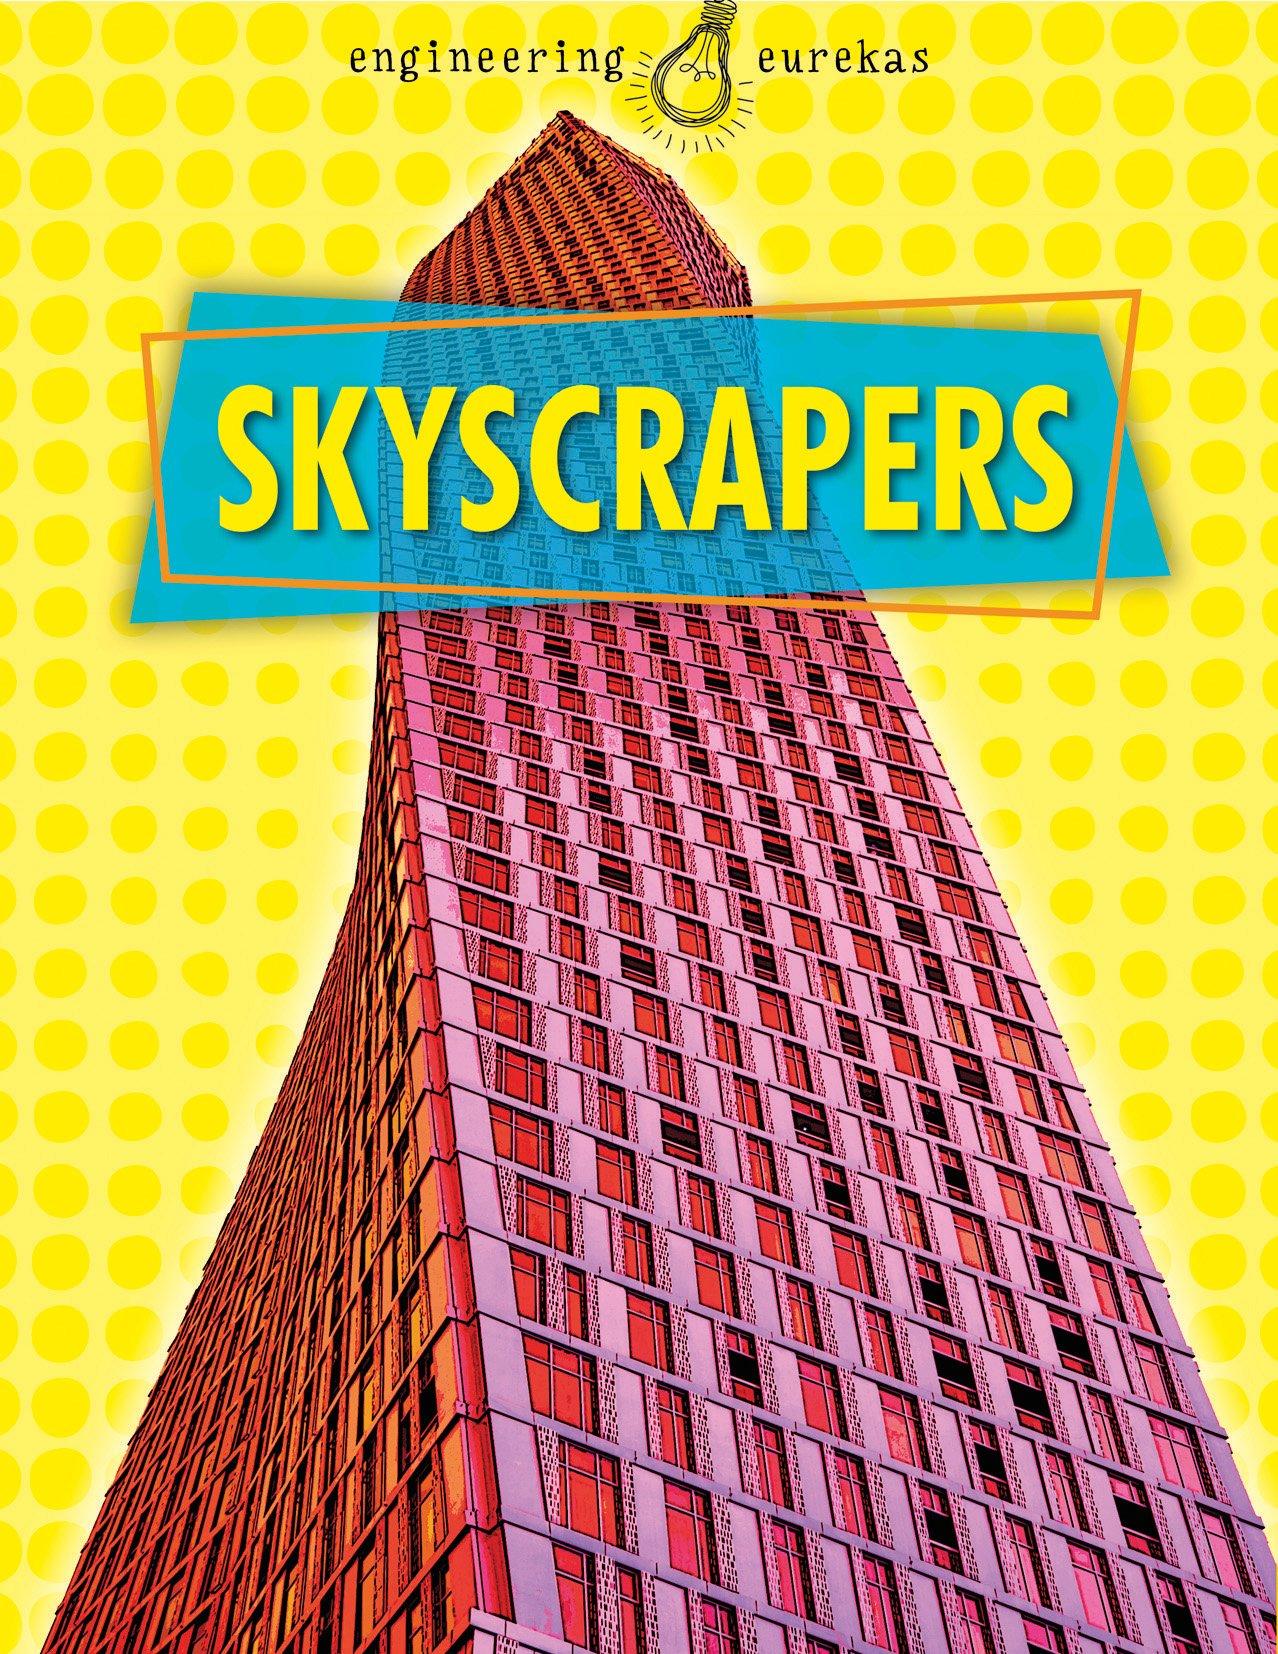 Skyscrapers (Engineering Eurekas)